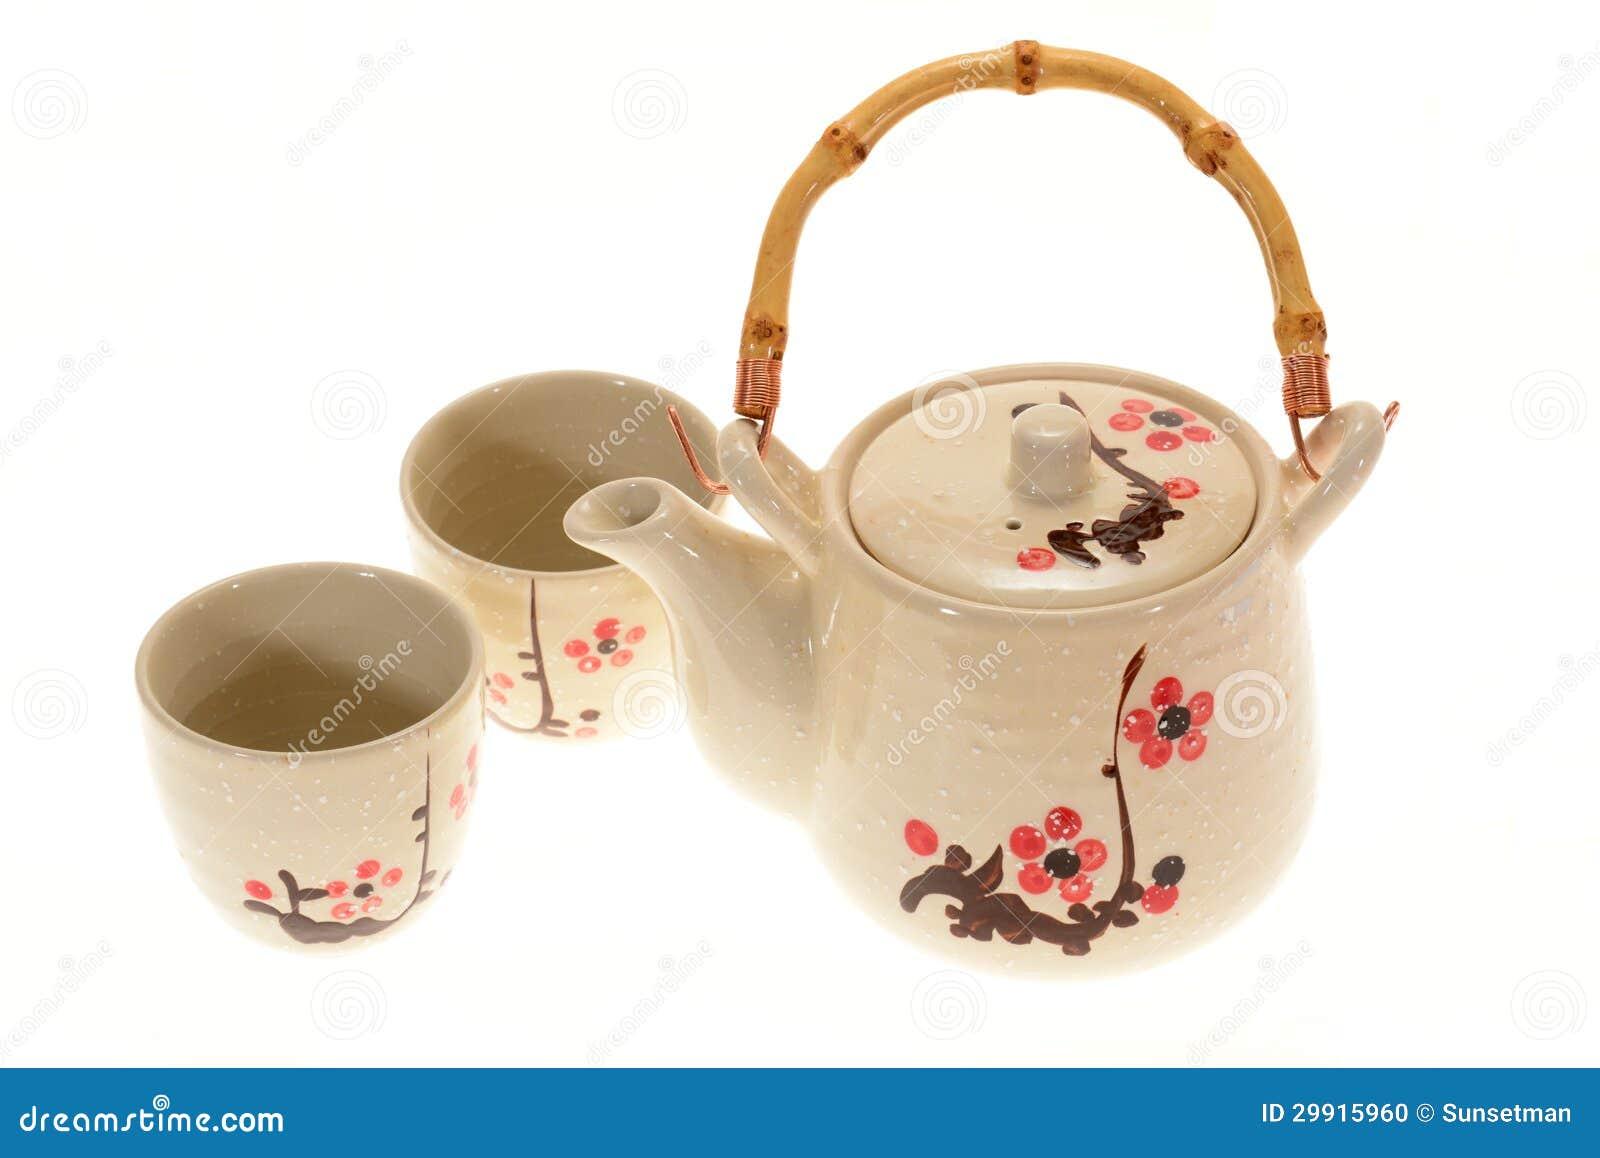 Japanese Porcelain Teapot Set Isolated on White Background.